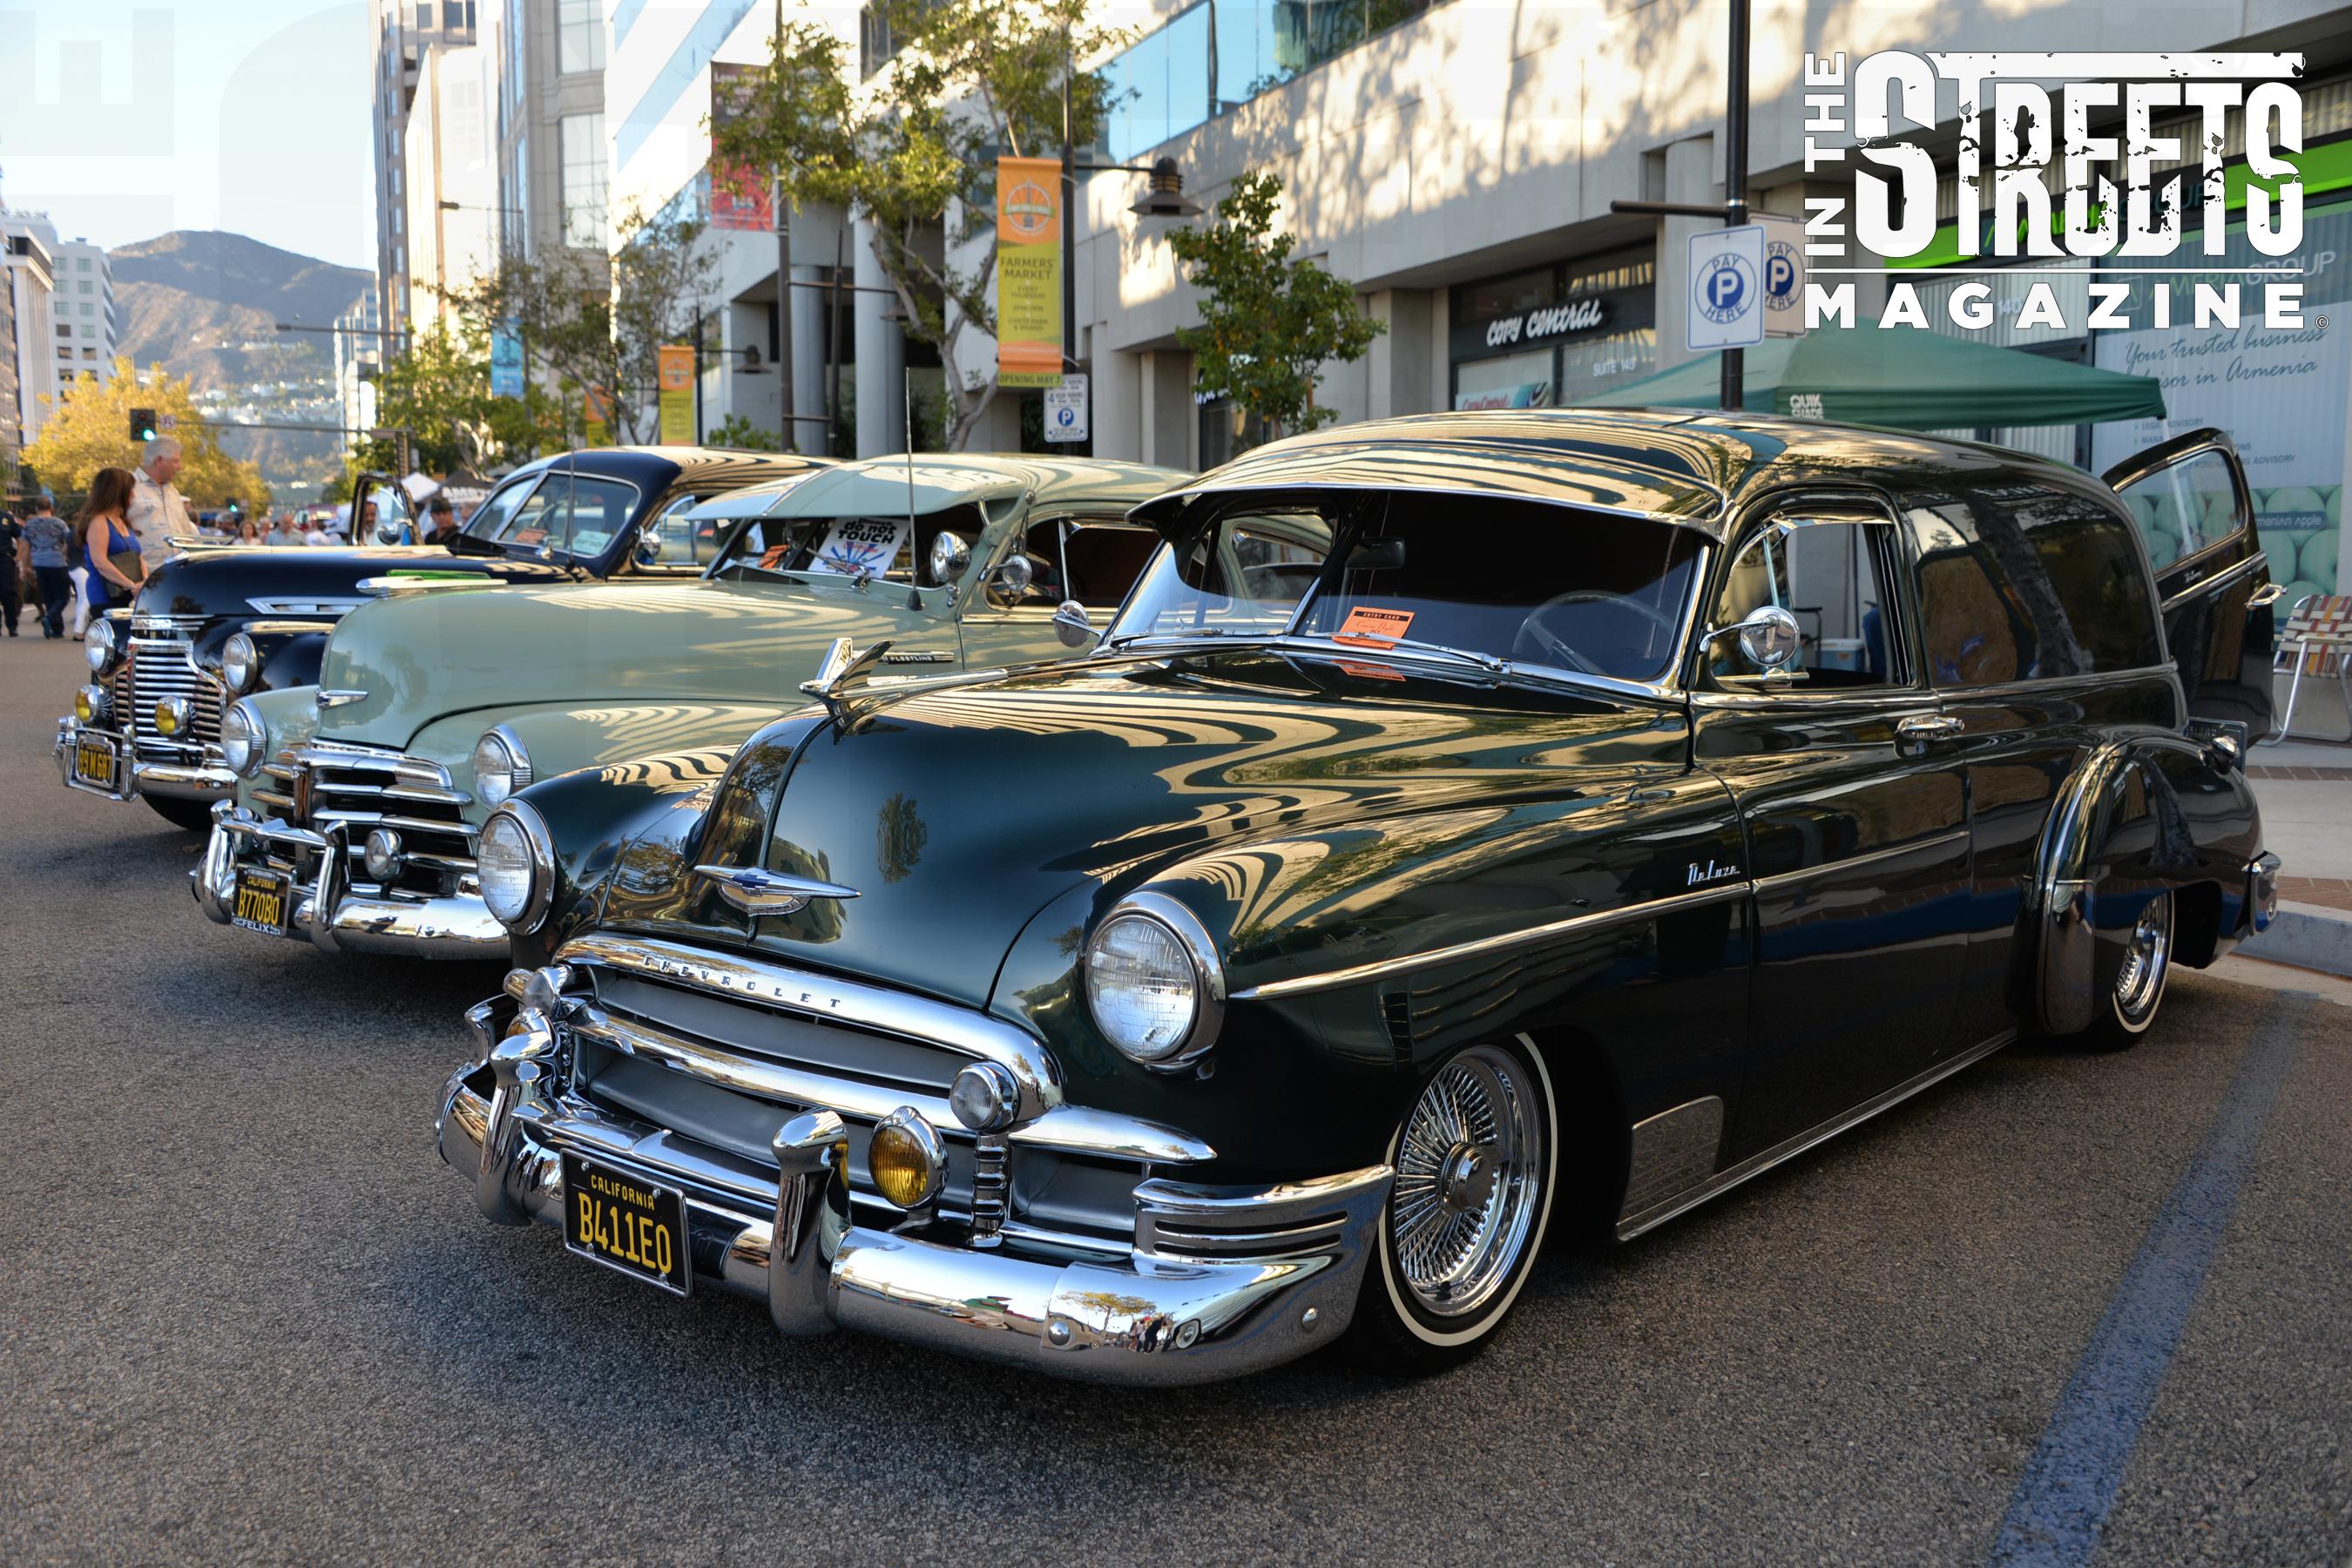 Glendale Classic Car Show